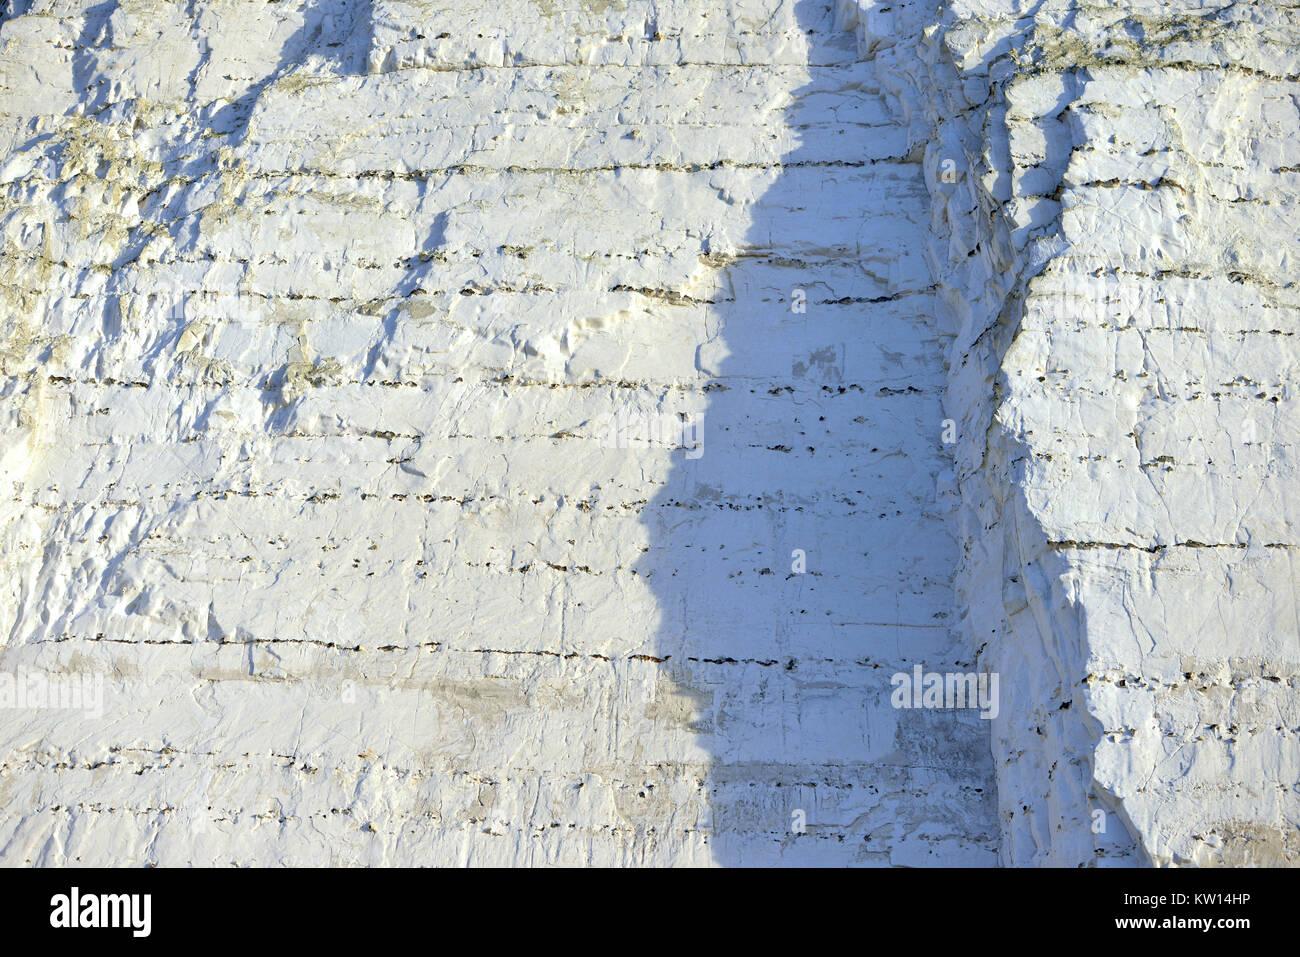 Acantilado de tiza, cretáceo detalle de las rocas que conforman las Siete Hermanas en la costa de East Sussex. Imagen De Stock